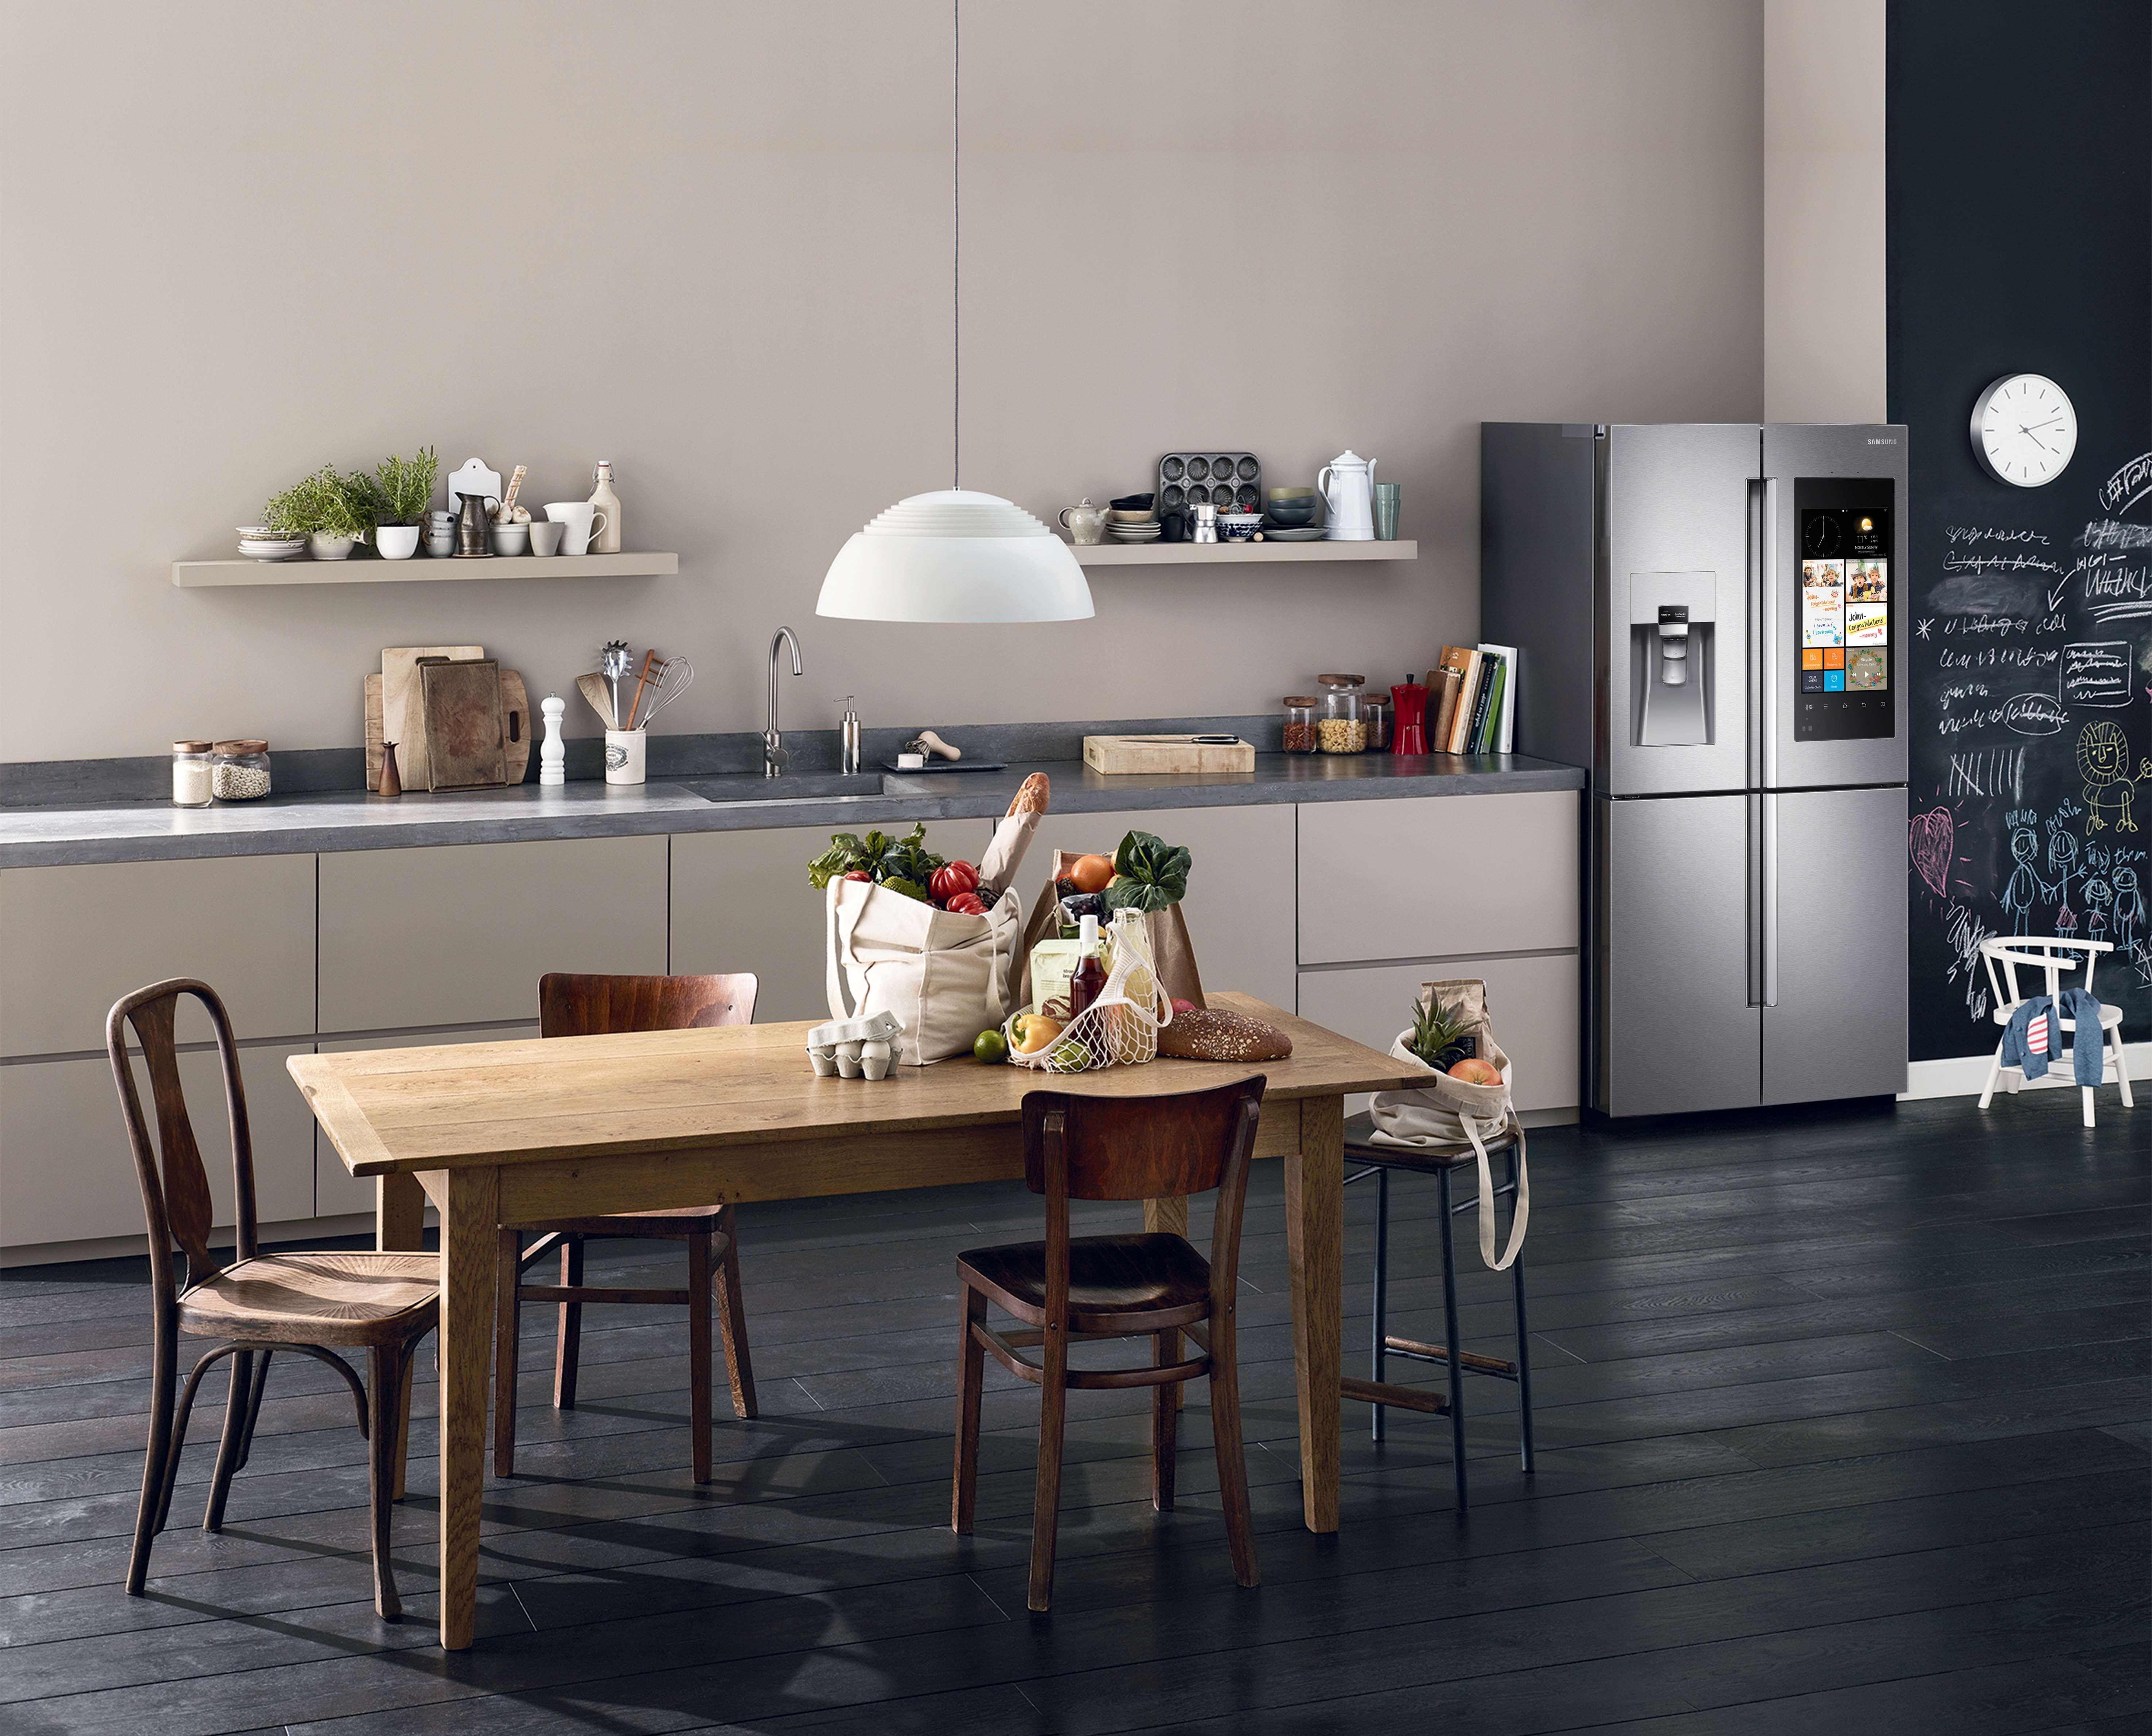 Dotato di tecnologia IoT (Internet of Things) il frigorifero offre nuove modalità per organizzare la spesa, fare shopping online, cucinare e connettersi in qualunque momento